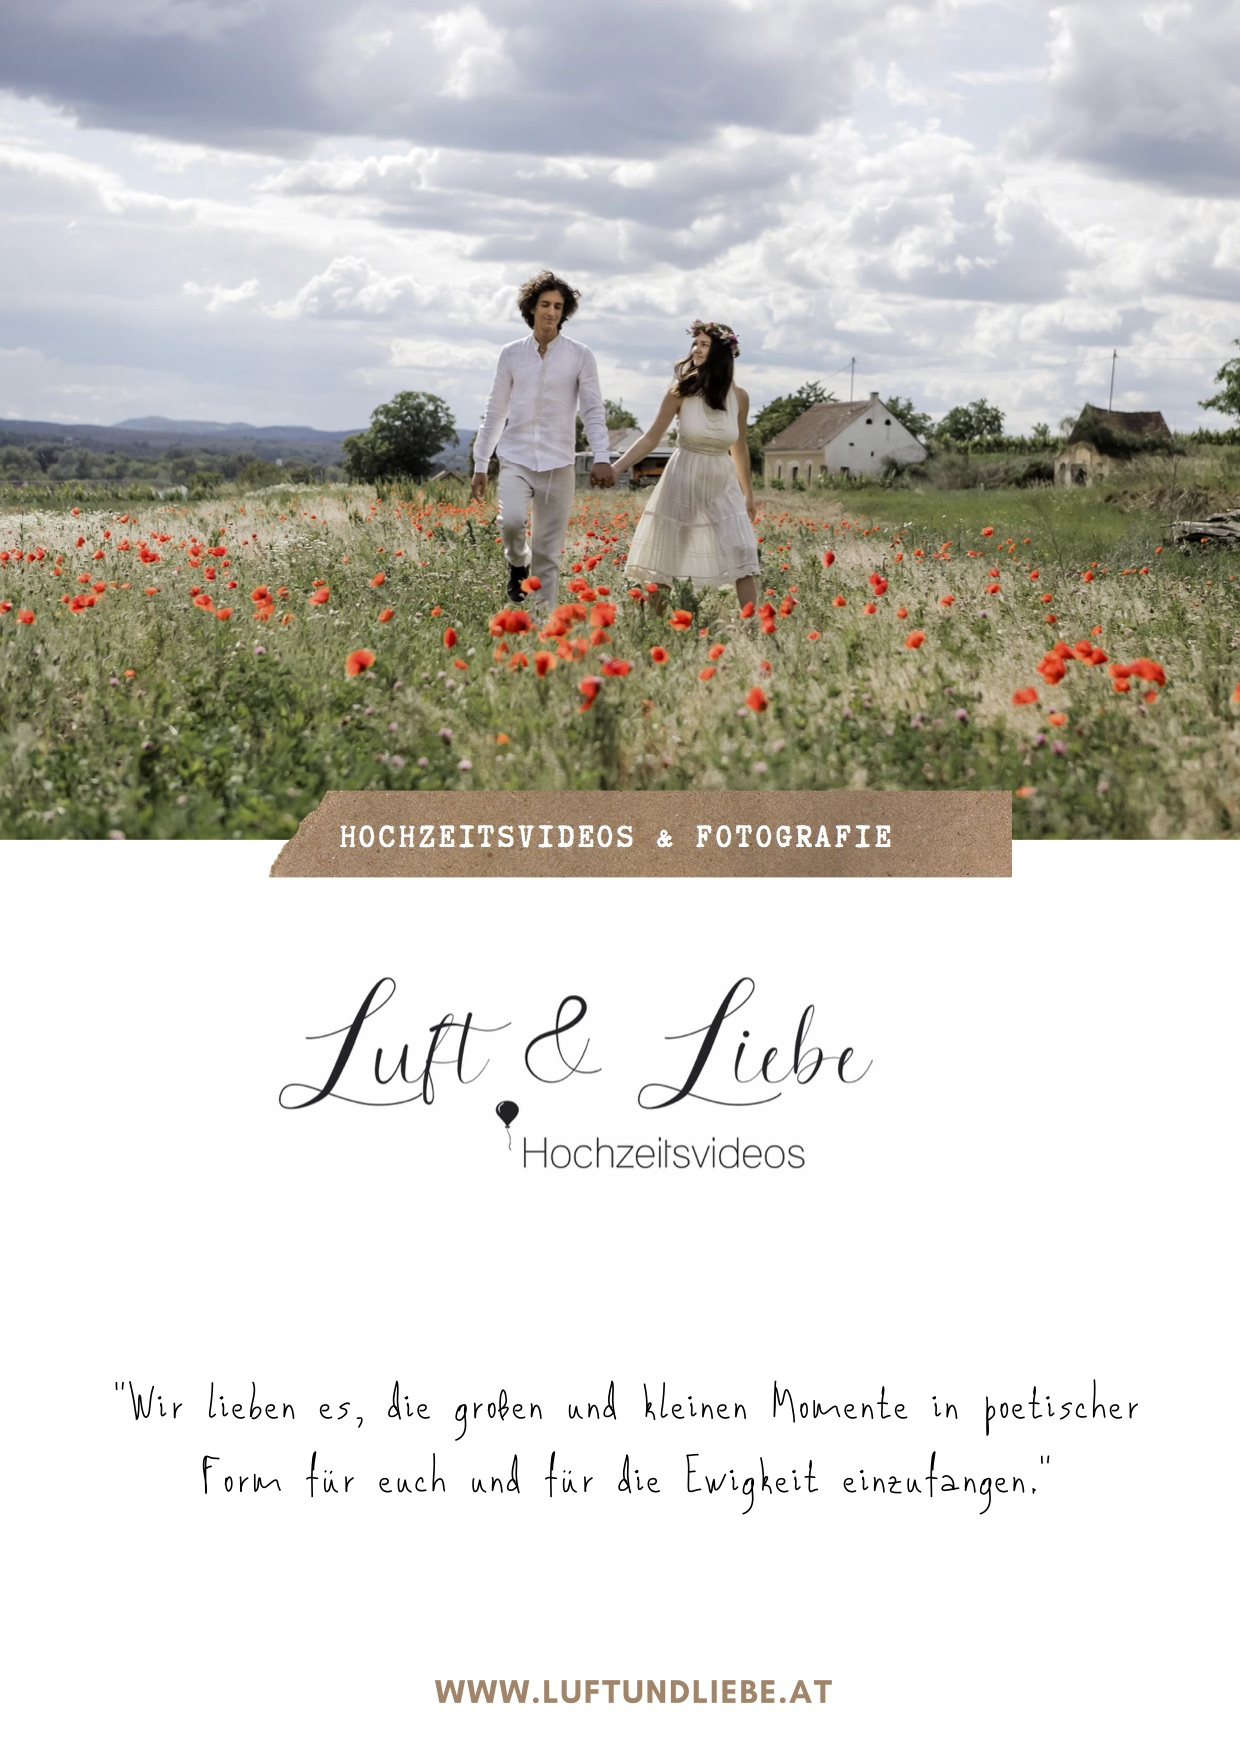 Postkarte Luft & Liebe